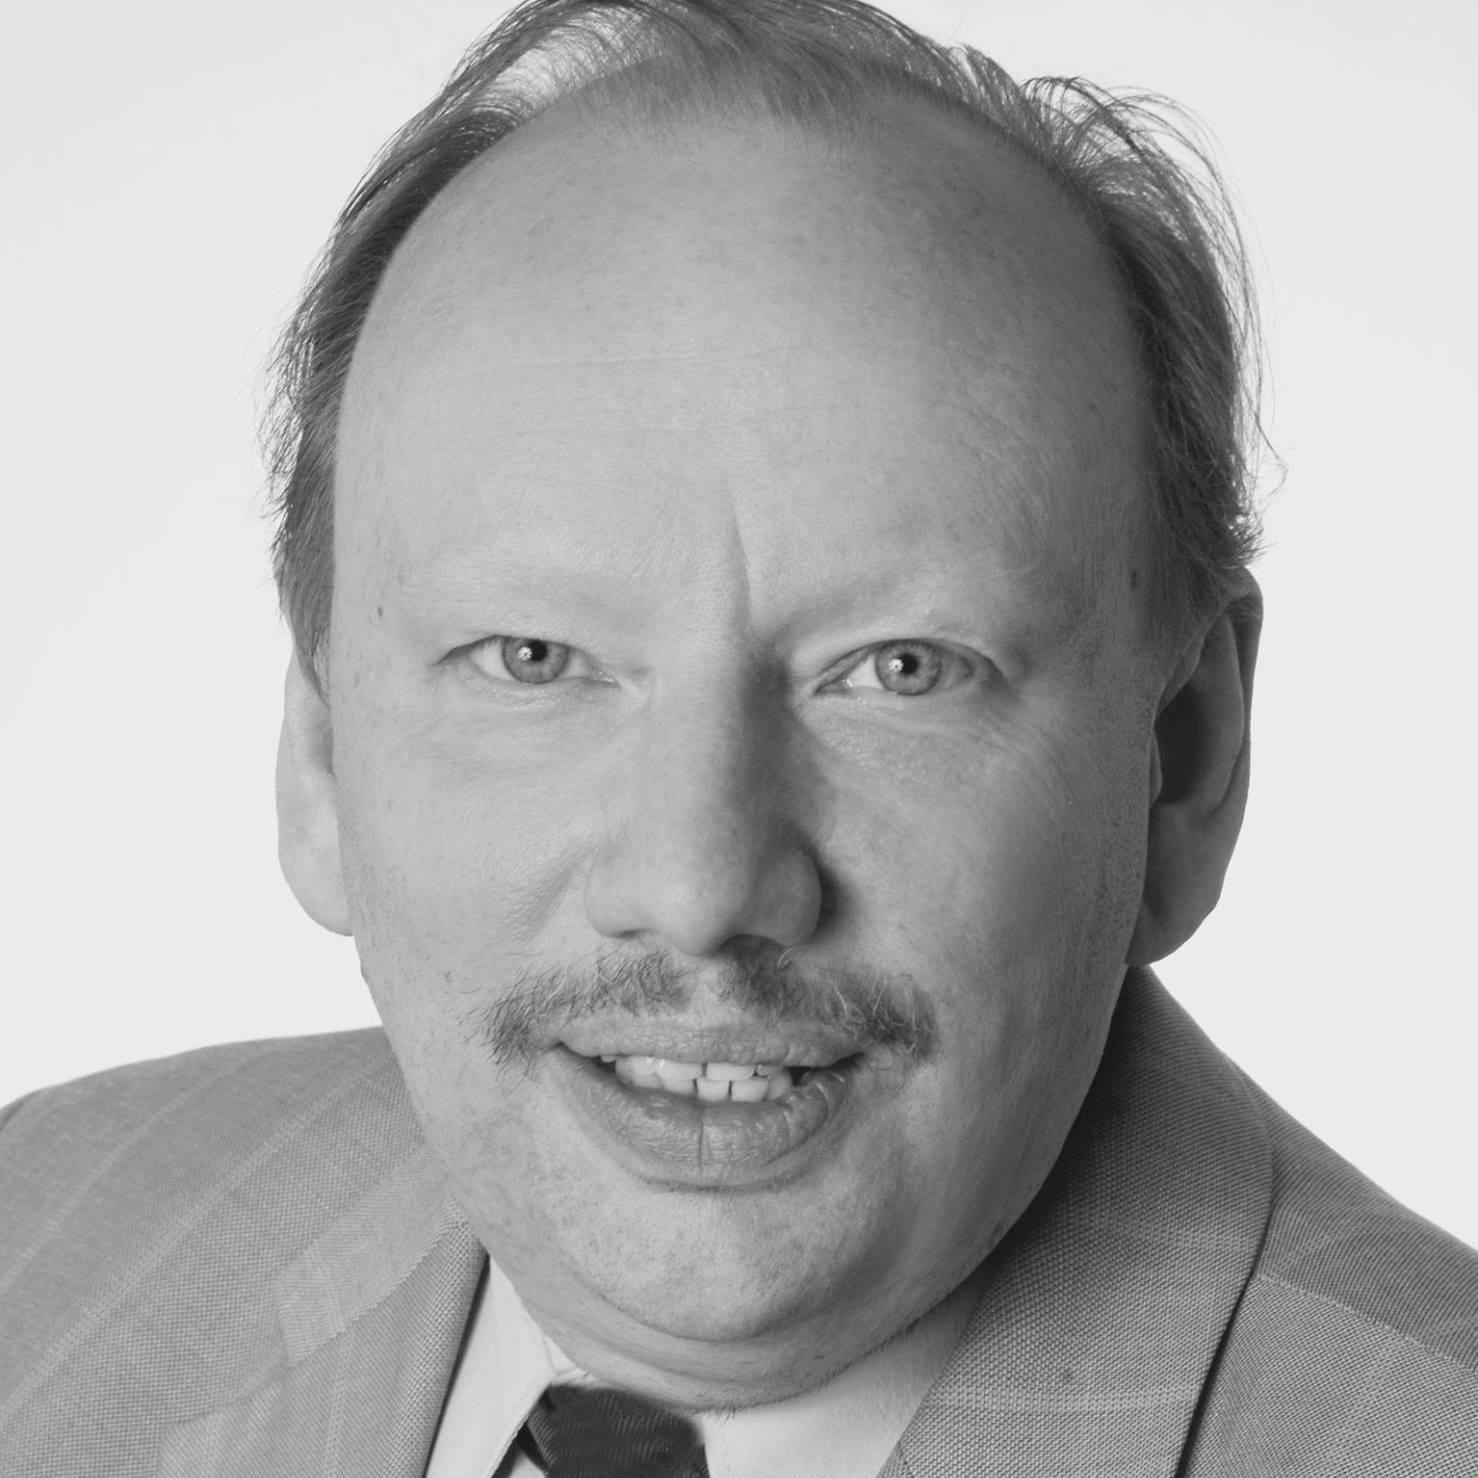 Dr Hannes von Bald